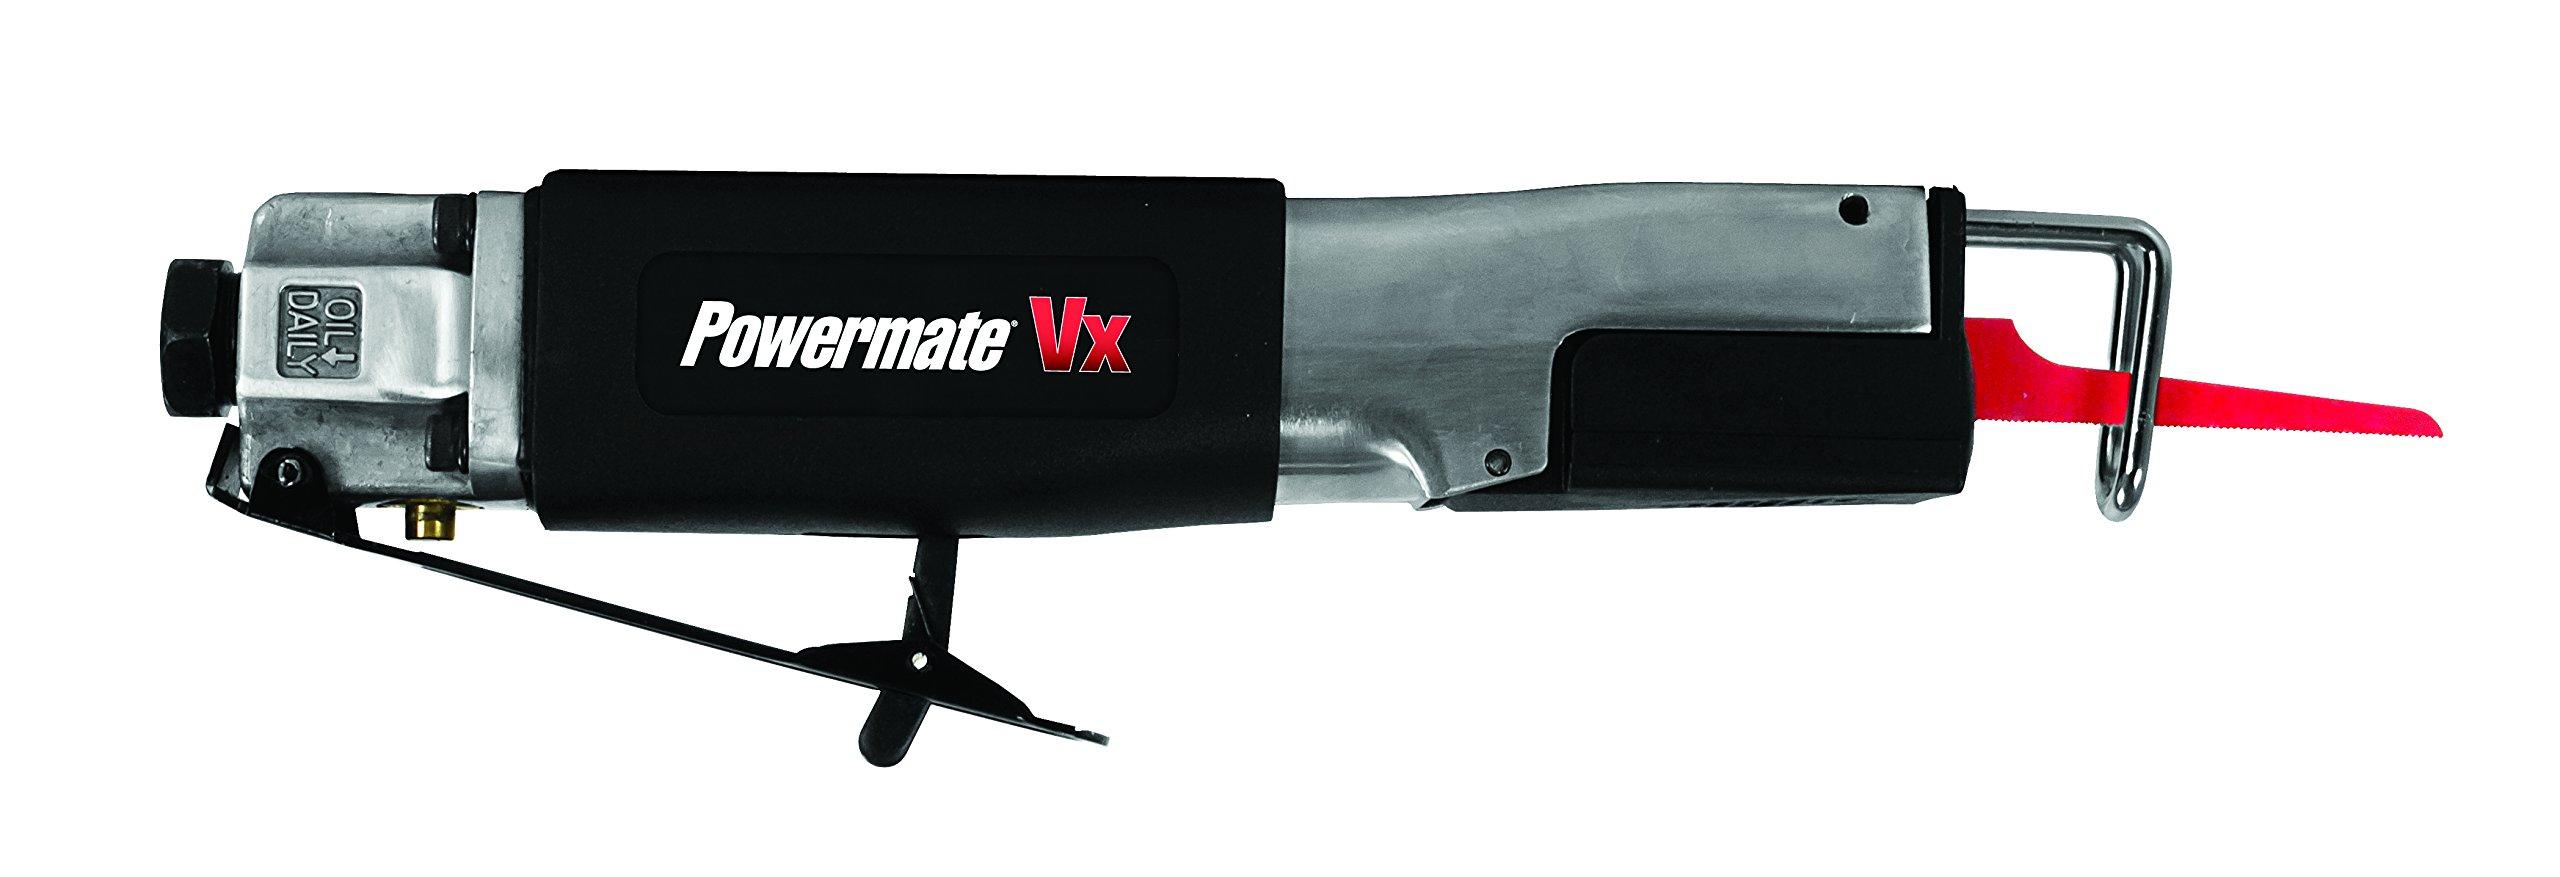 Powermate Vx 024-0294CT Air Body Saw